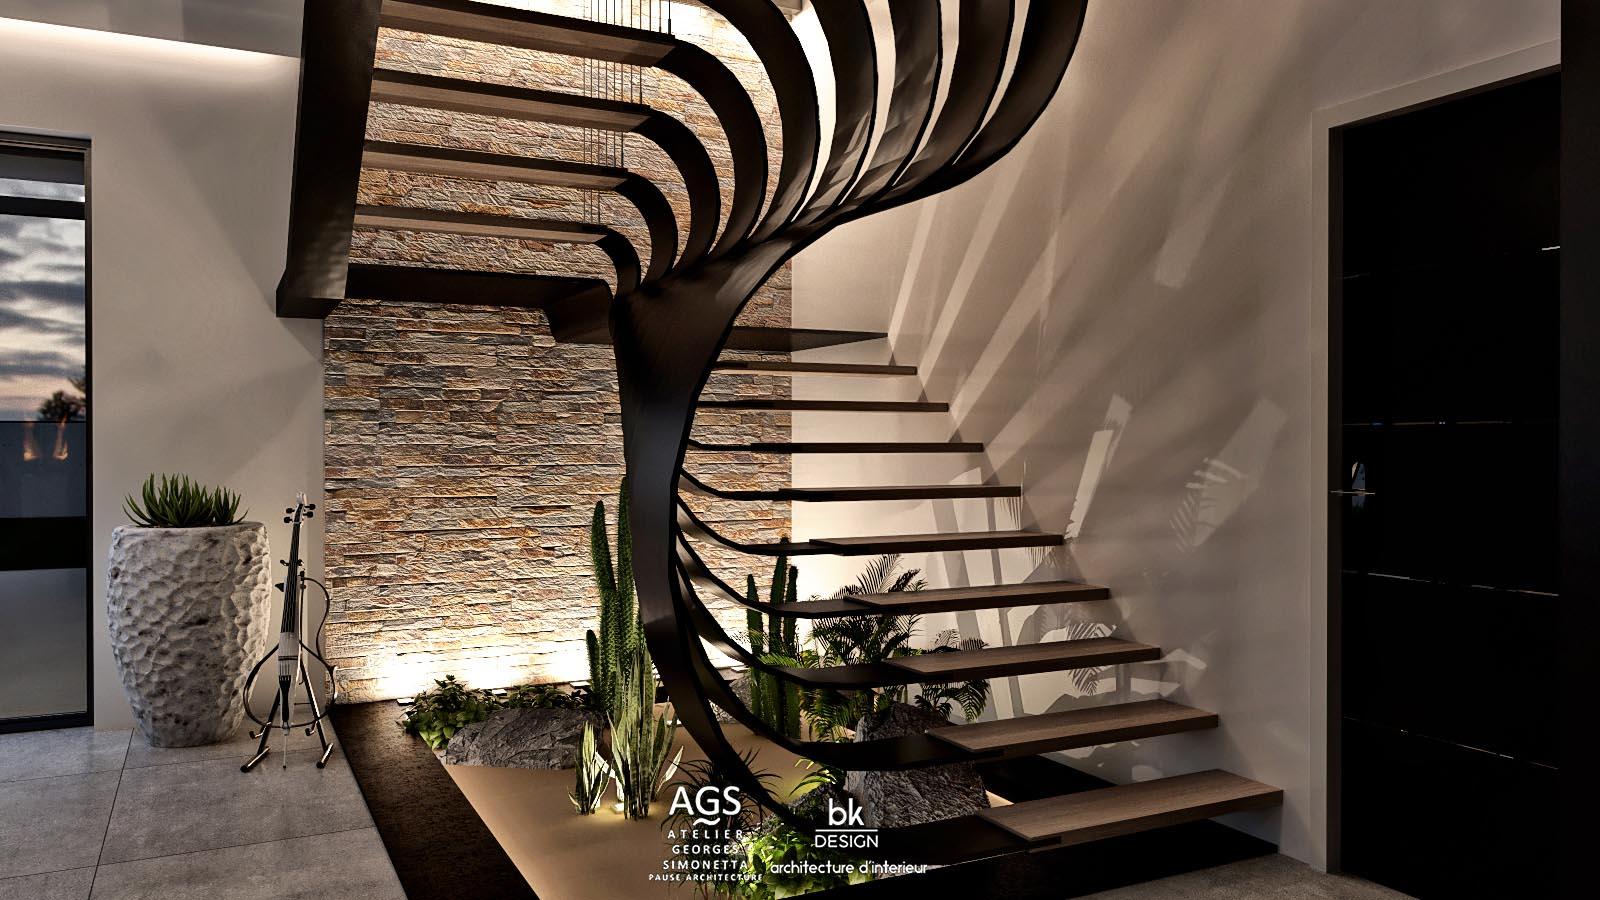 01 bk Design Projet Elange v4 05 Escalier